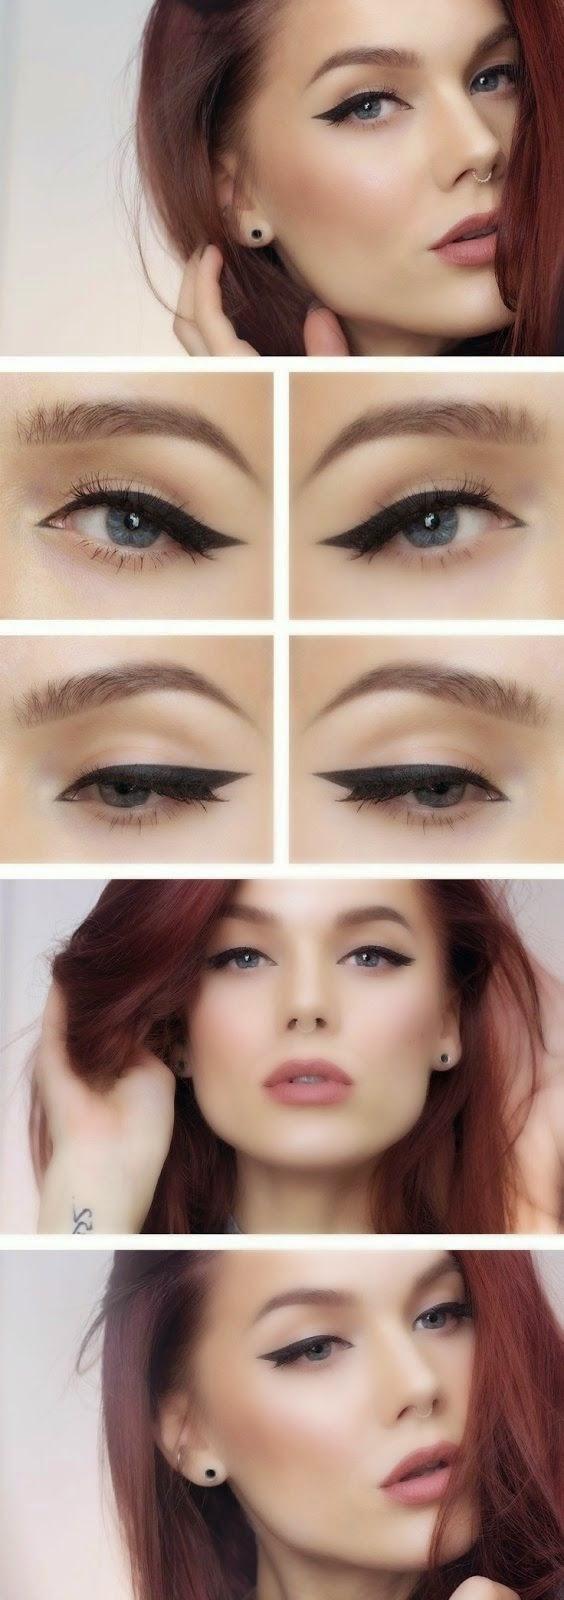 latest-eye-make-up-ideas